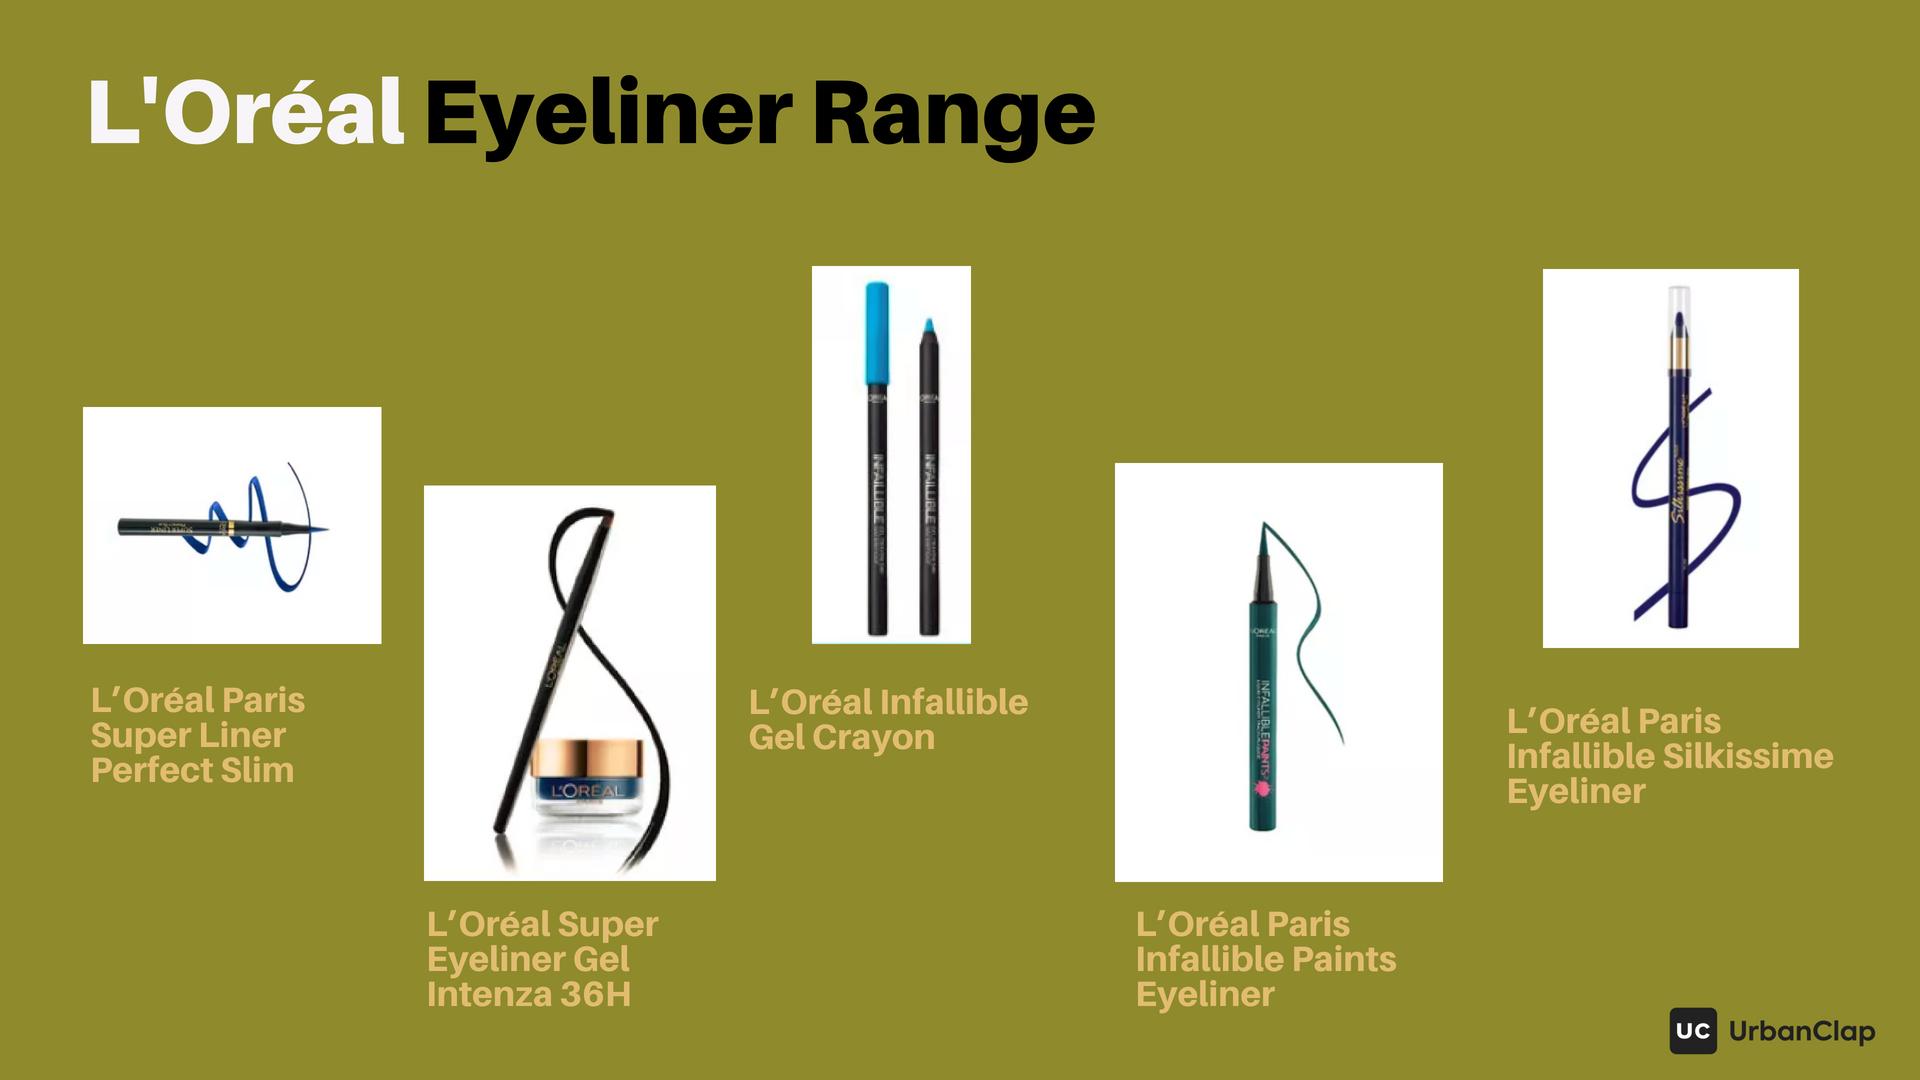 Loreal Eyeliner Range - Pencil and gel eyeliners